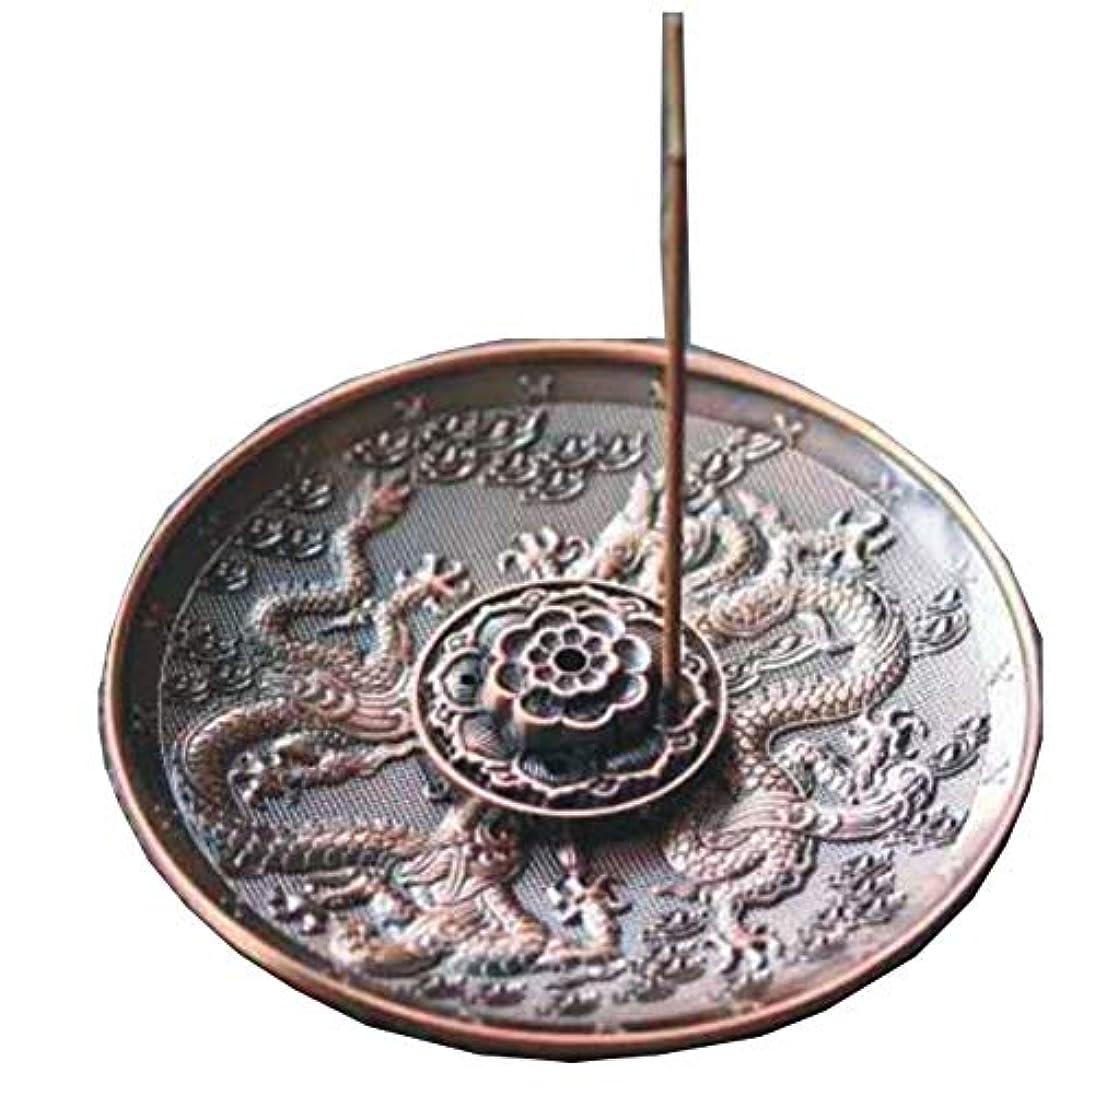 静かにくるみイライラする[RADISSY] お香立て 香炉 香皿 スティック 円錐 タイプ お香 スタンド 龍のデザイン (赤胴色9穴)